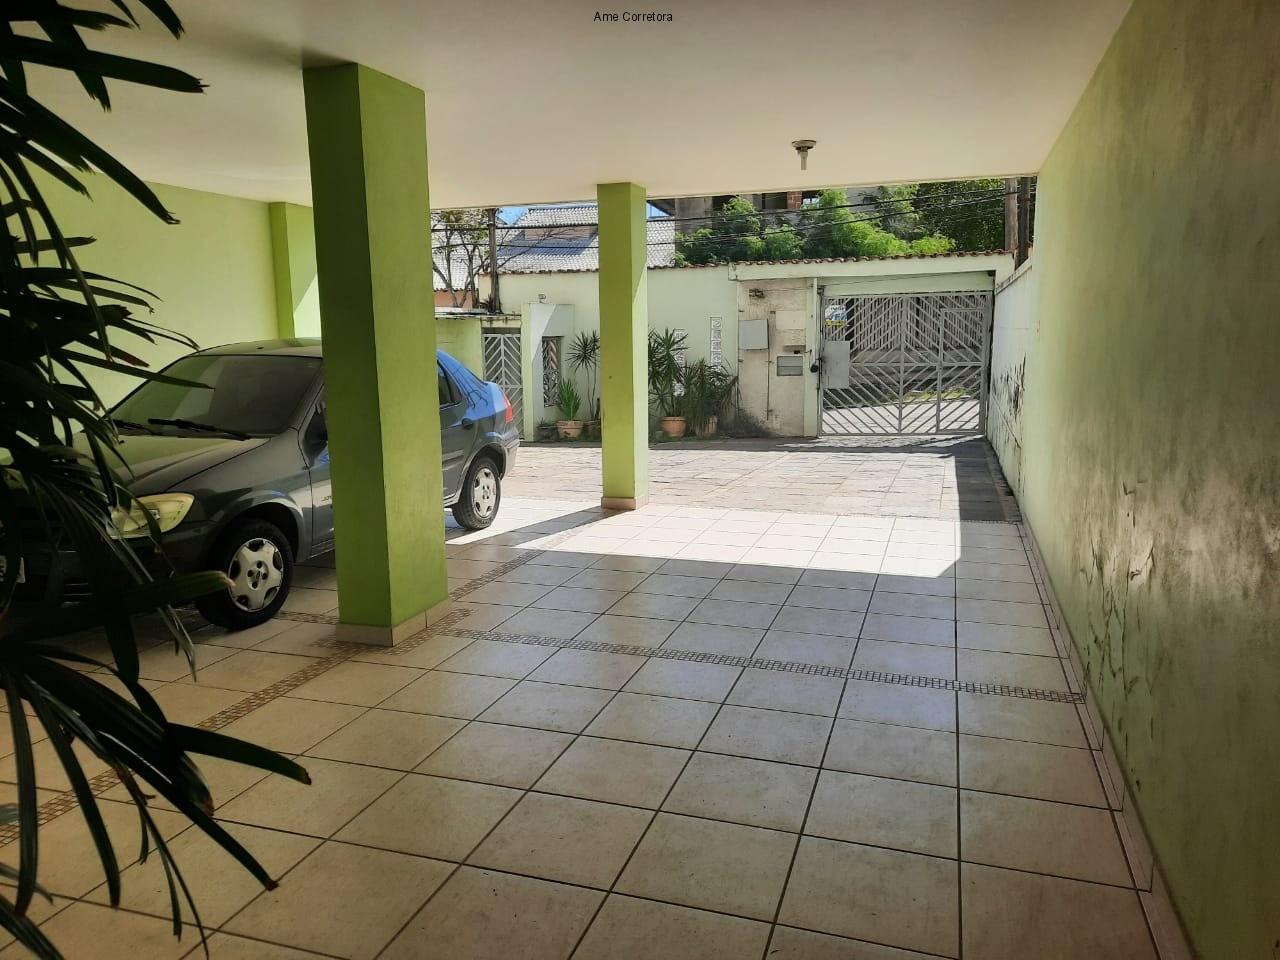 FOTO 30 - Apartamento 3 quartos à venda Rio de Janeiro,RJ - R$ 1.400.000 - AP00410 - 31